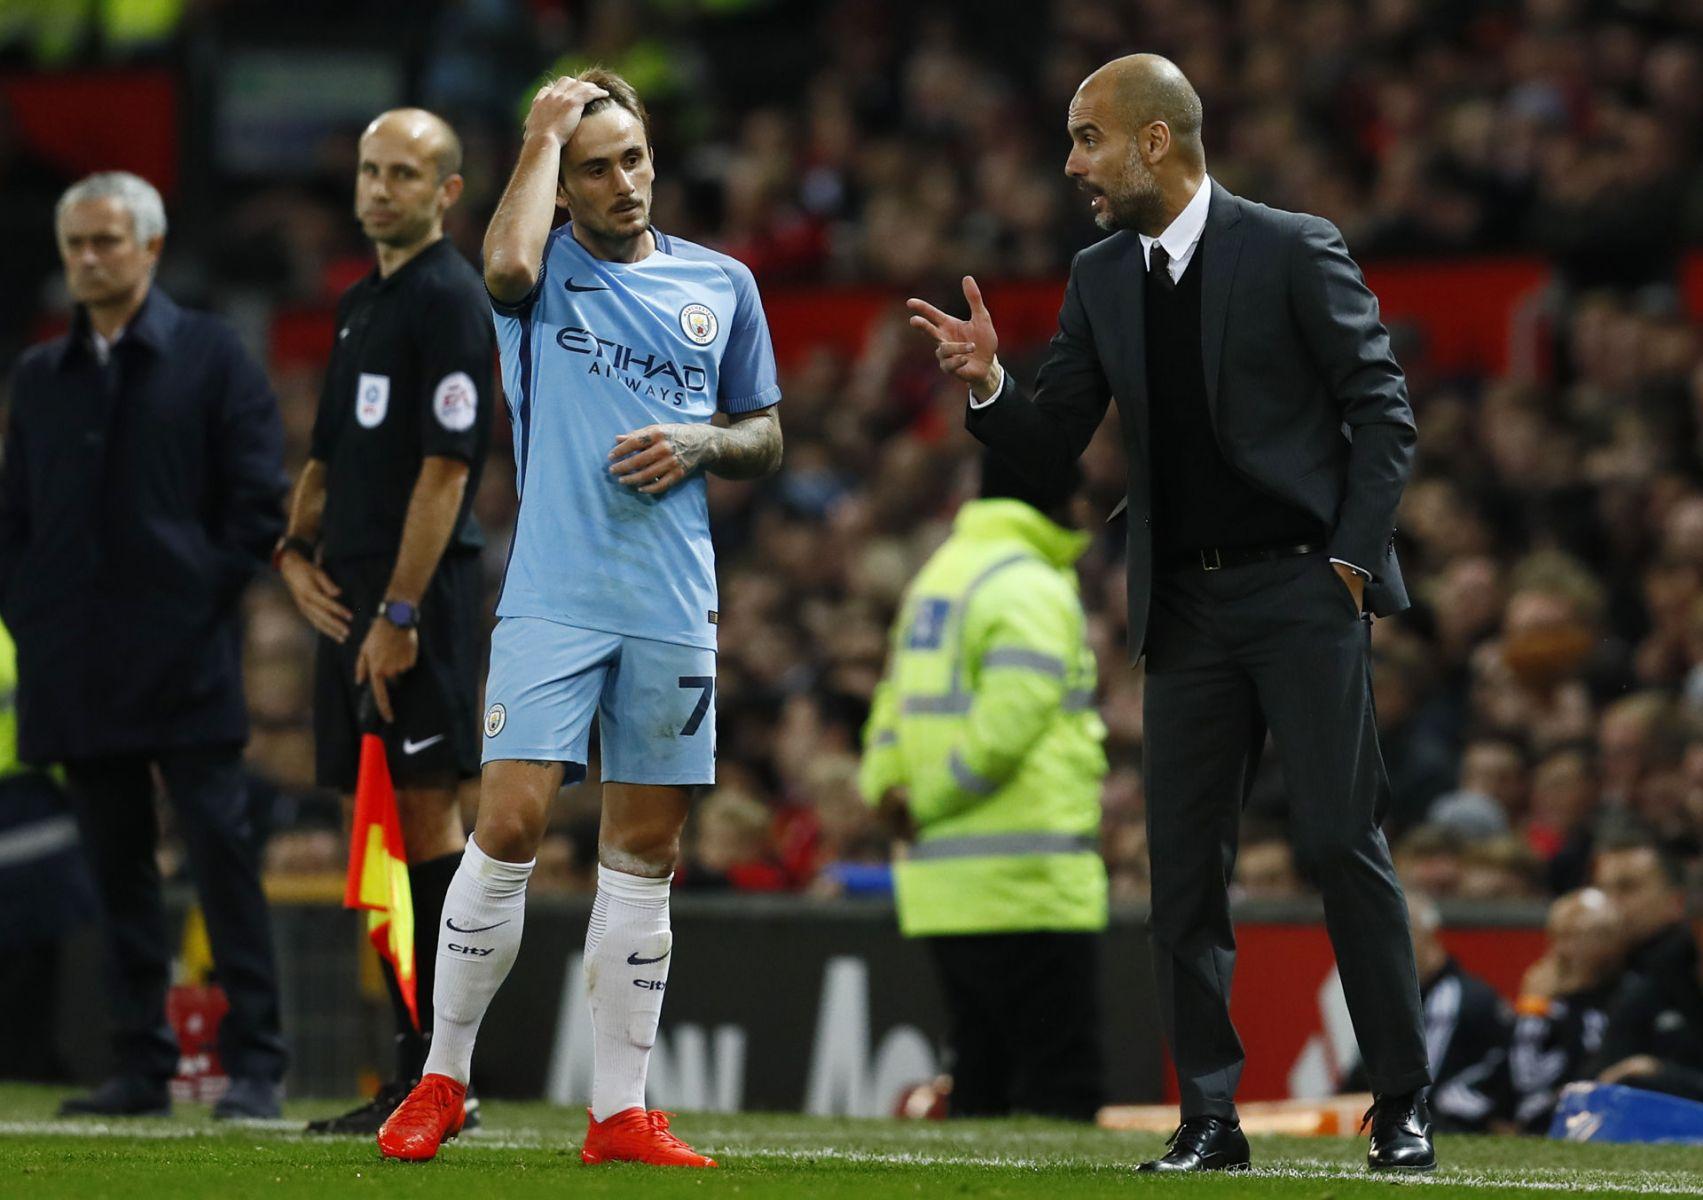 Aleix Garcia spune ce a învățat de la Guardiola. Sursă foto: goal.com